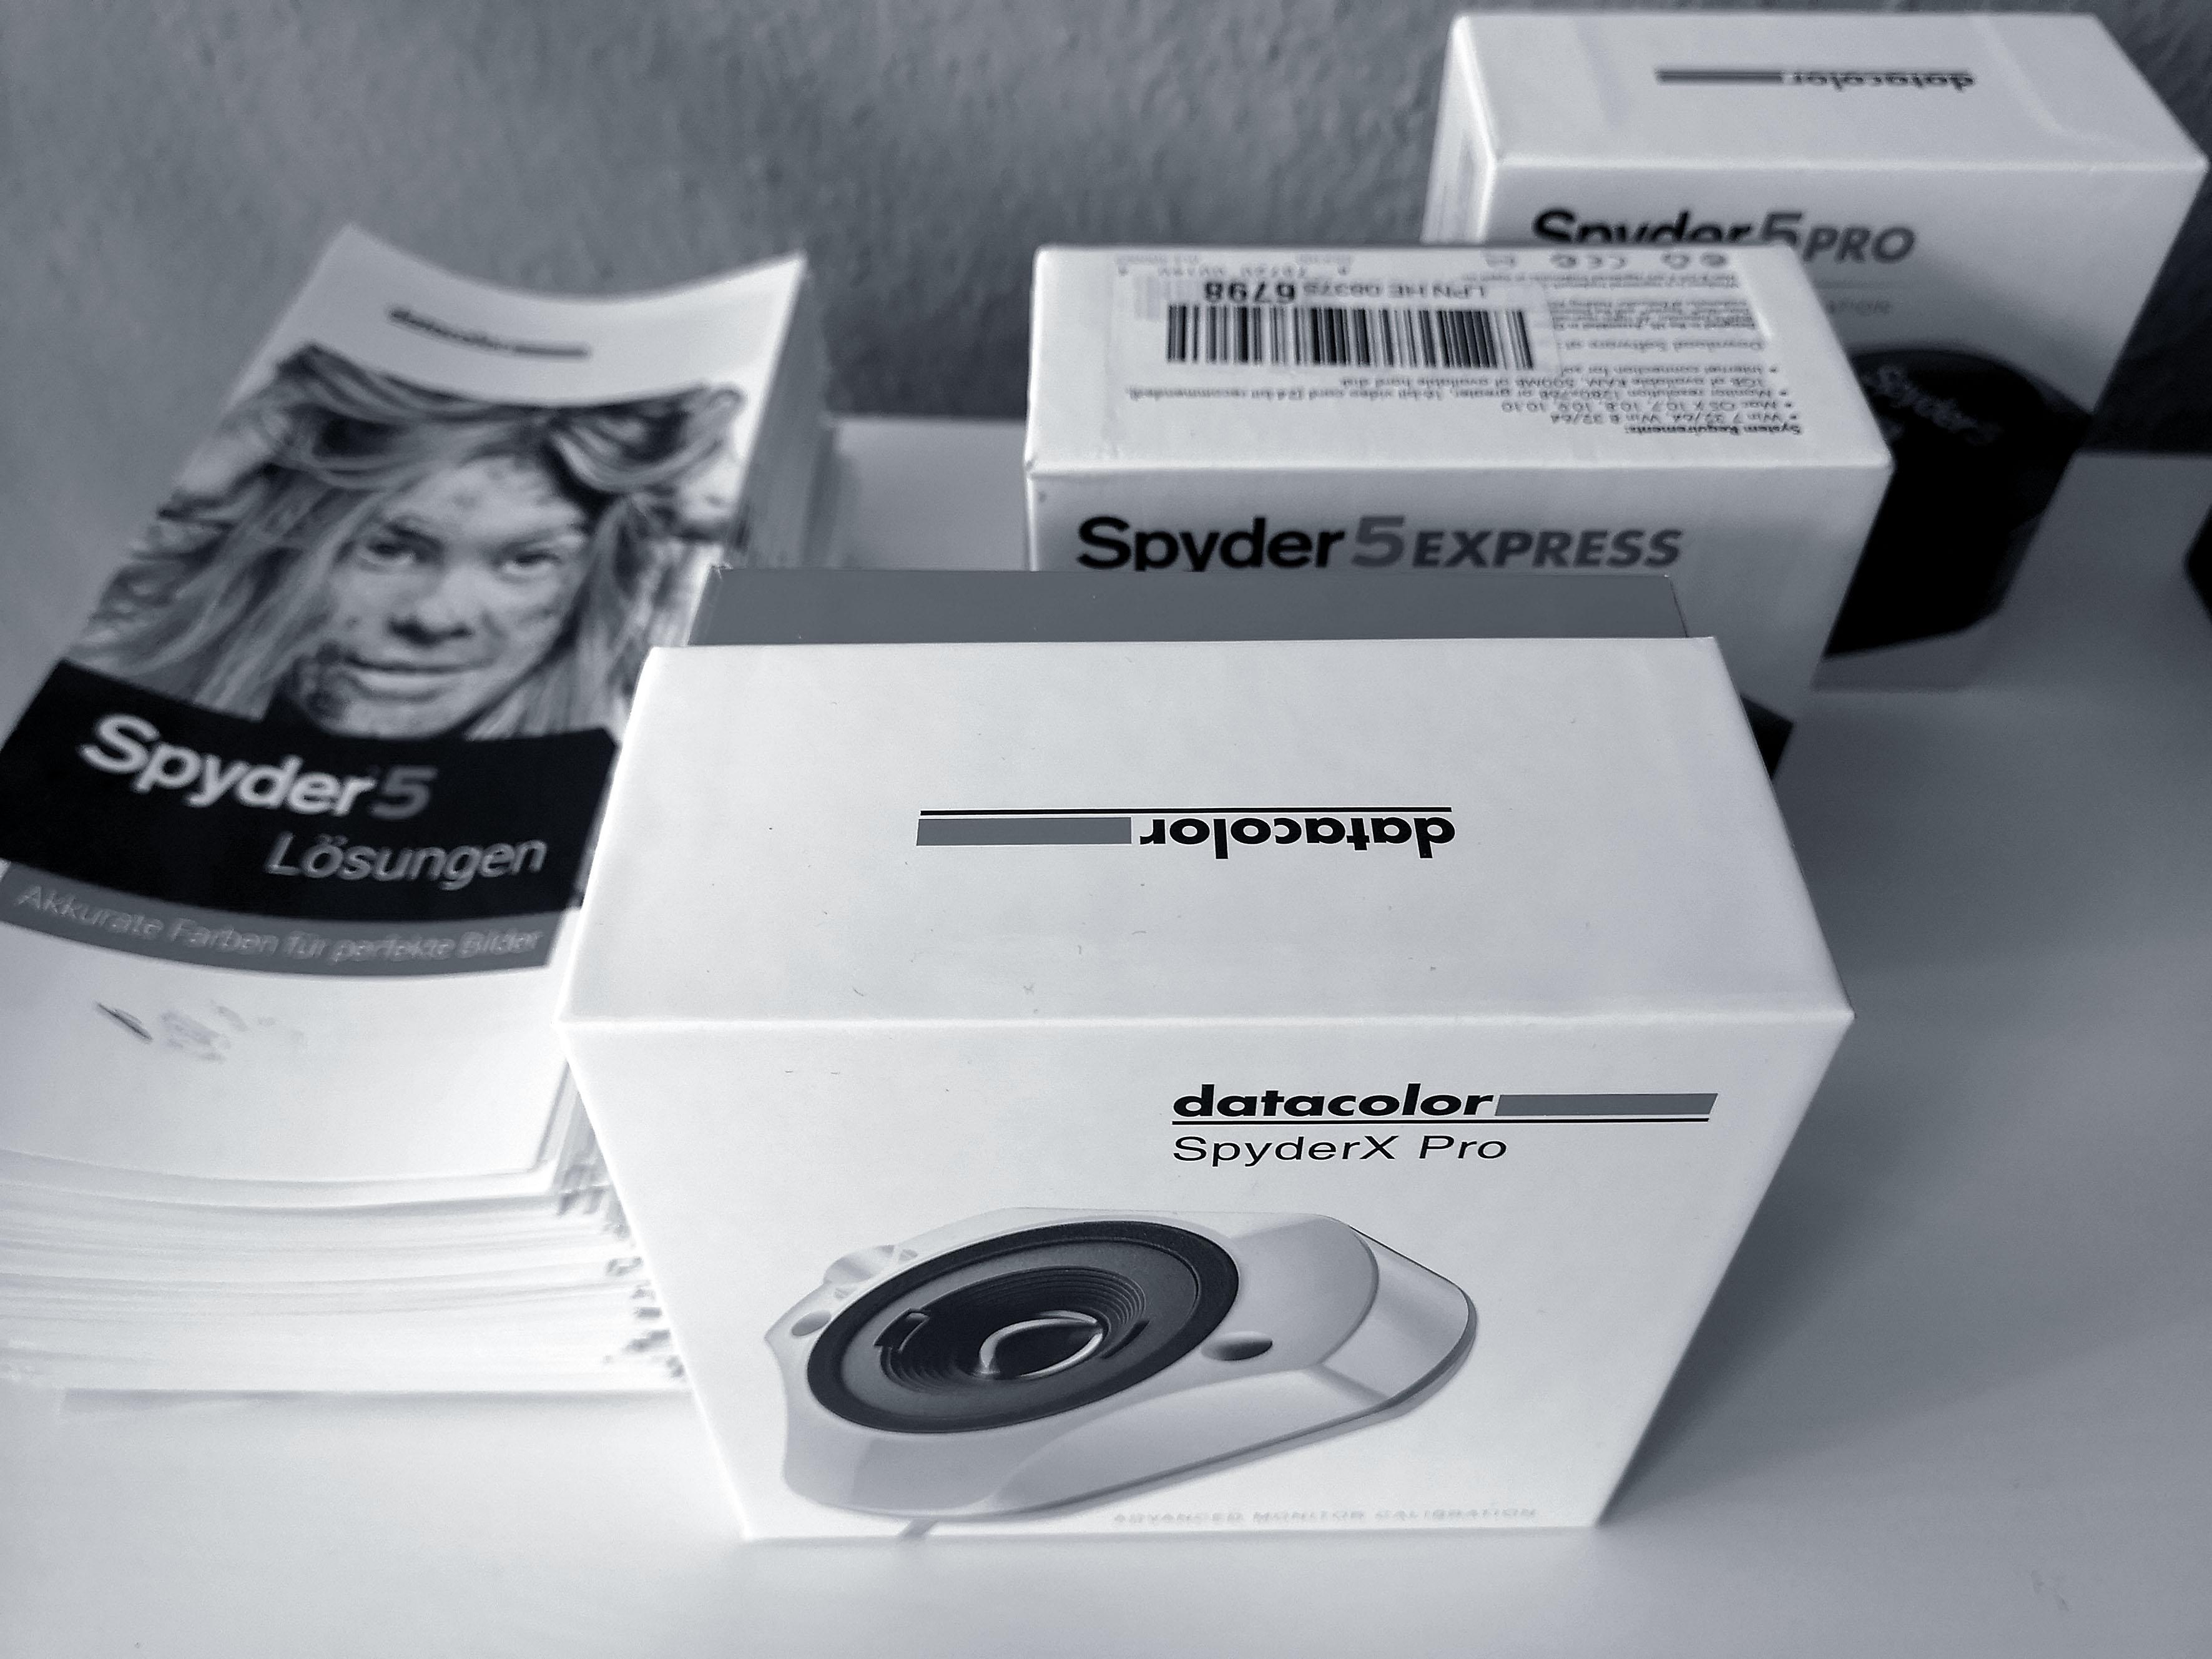 Foto: Michael B. Rehders - Ein paar Sensoren von Datacolor (Spyder 5 und X) hatte ich noch da, falls jemand sein Messequipment vergessen haben sollte.